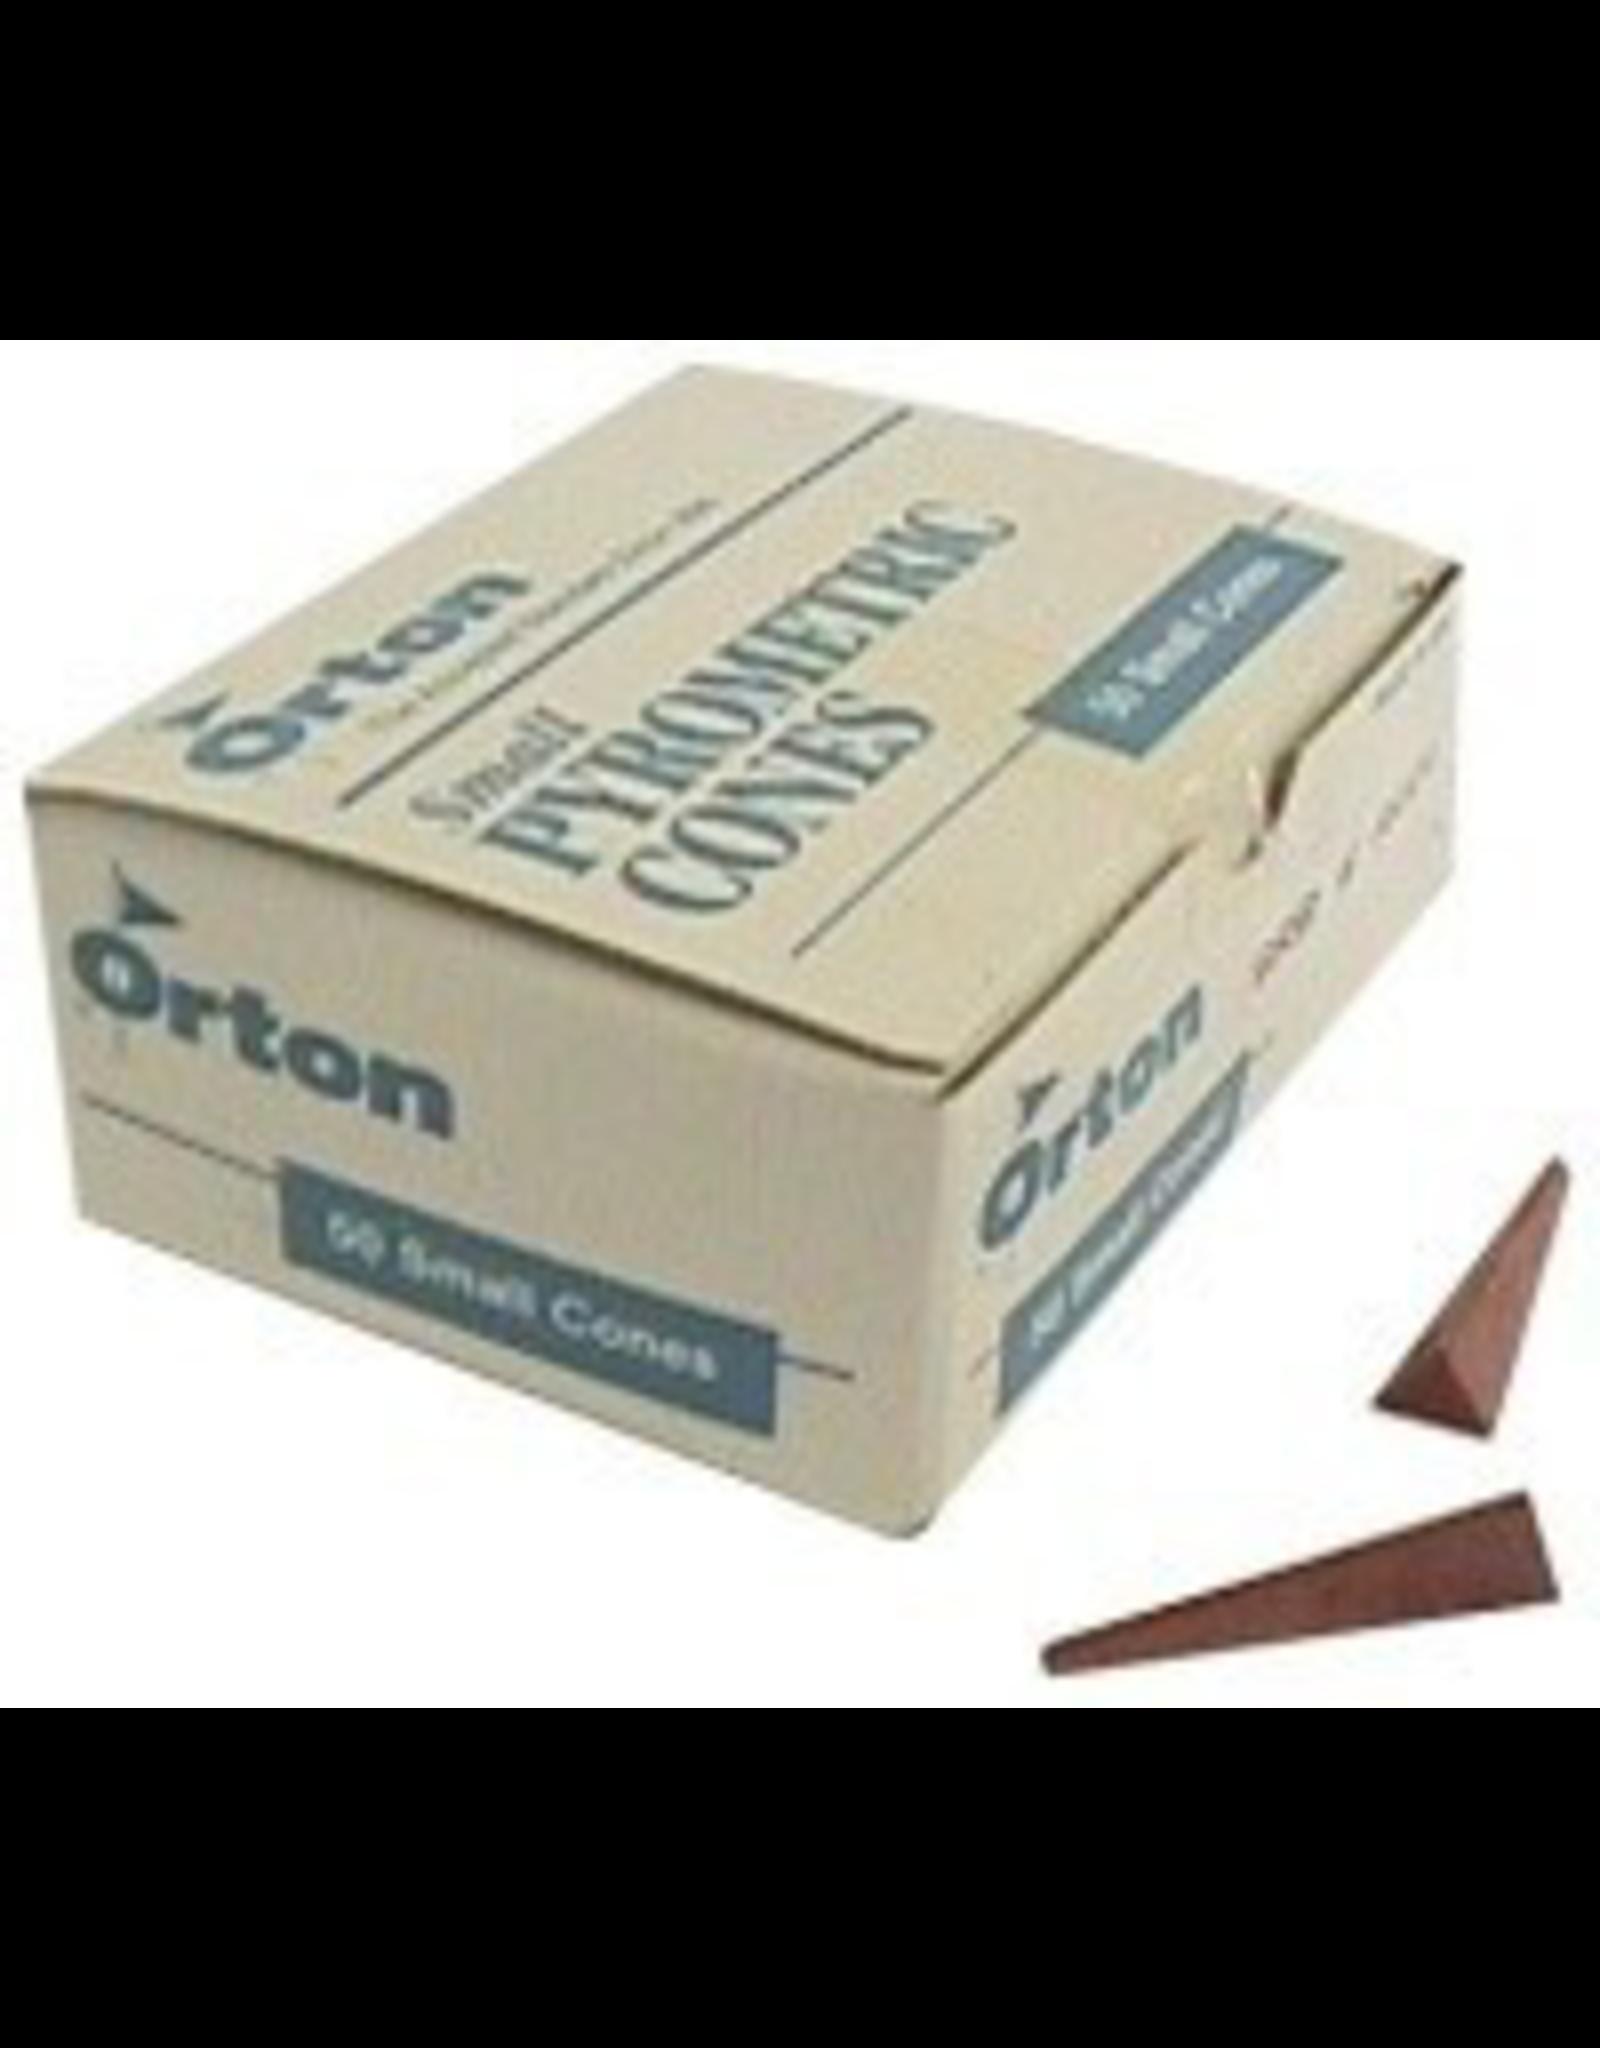 Orton Orton Midget Cone 7 50's